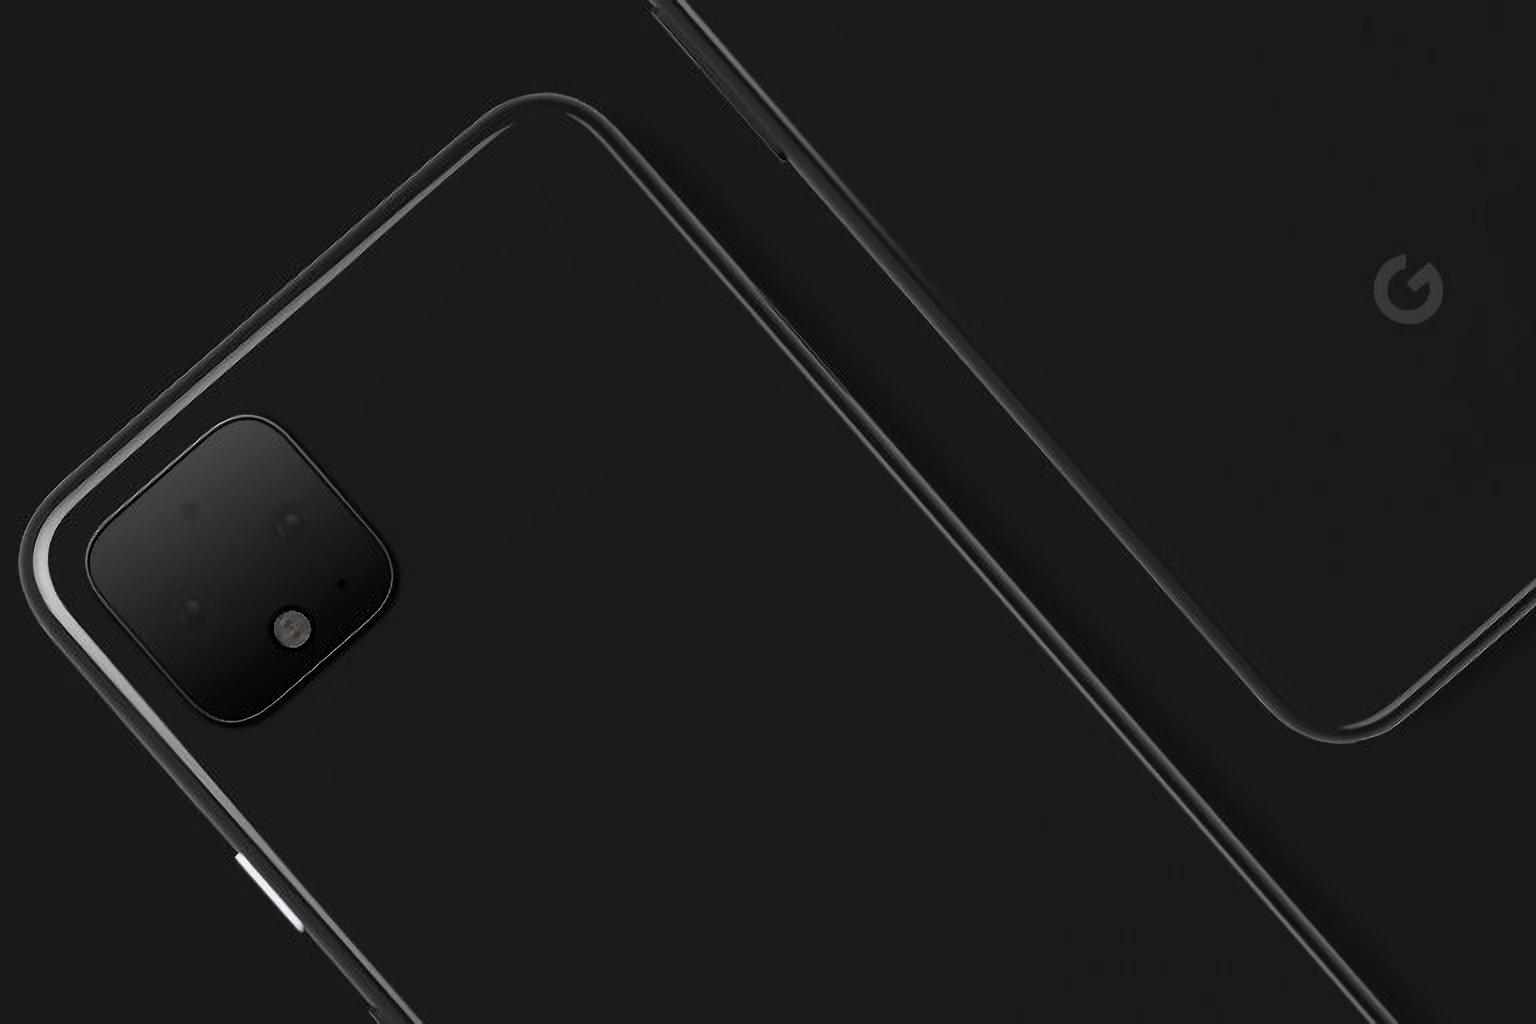 Pixel 4の噂まとめ 最新情報 スペック デザイン 価格 Telektlist